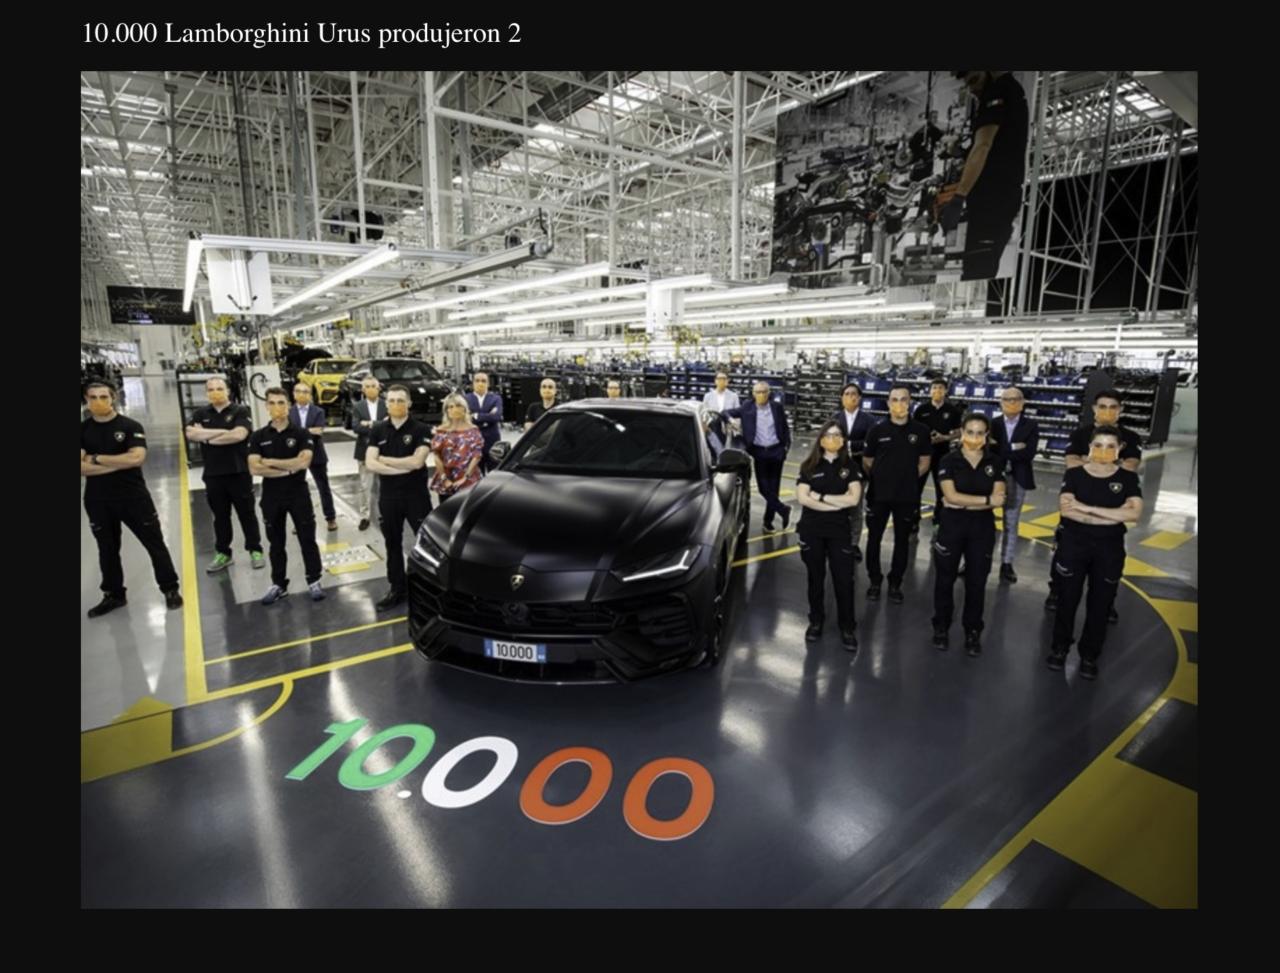 Lamborghini celebra su Urus número 10,000